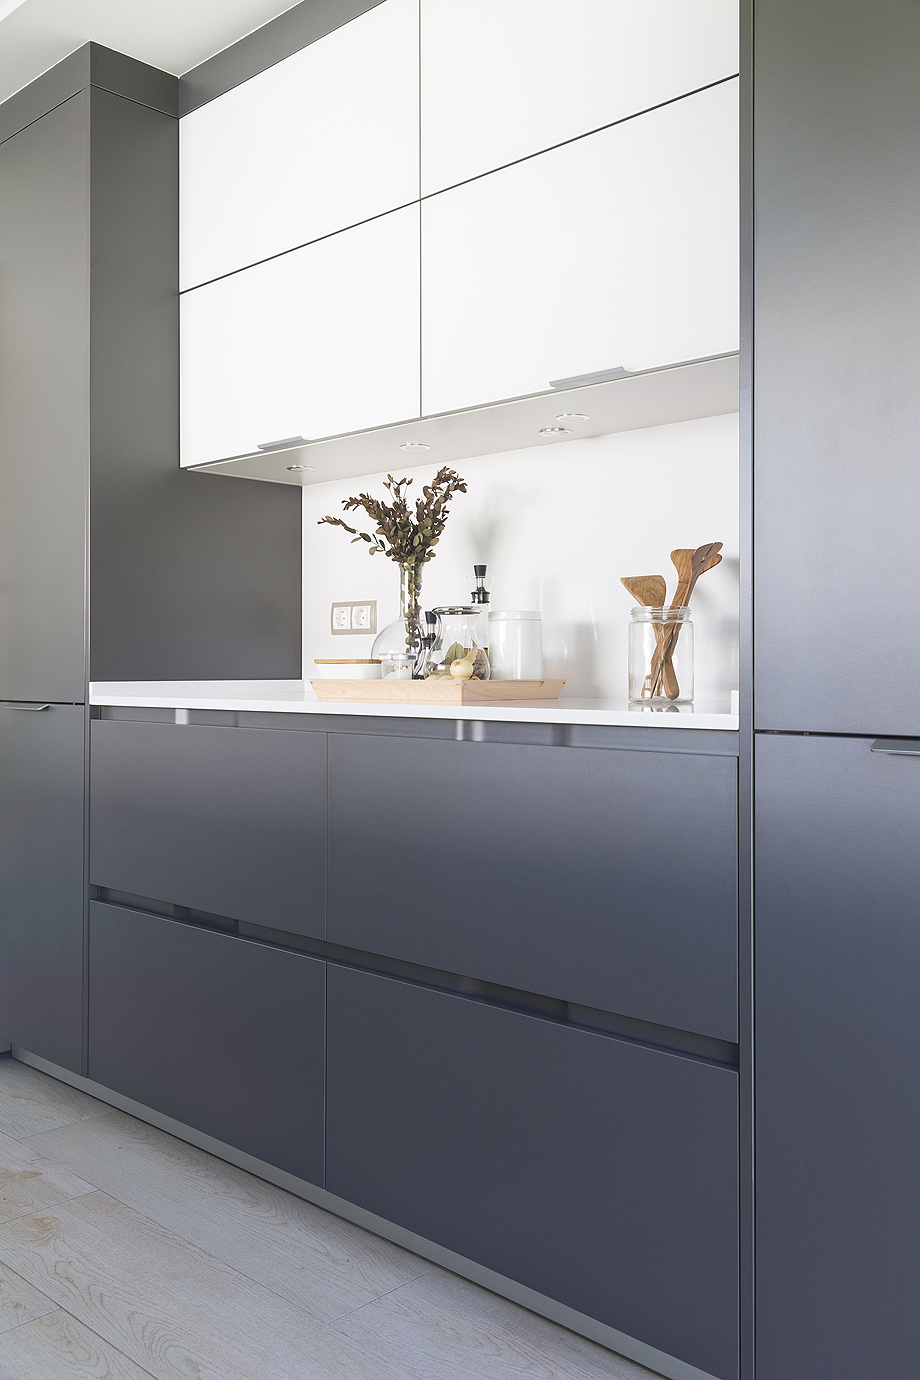 Una Cocina Abierta Al Jard N Por Santiago Interiores # Muebles Pombo A Coruna